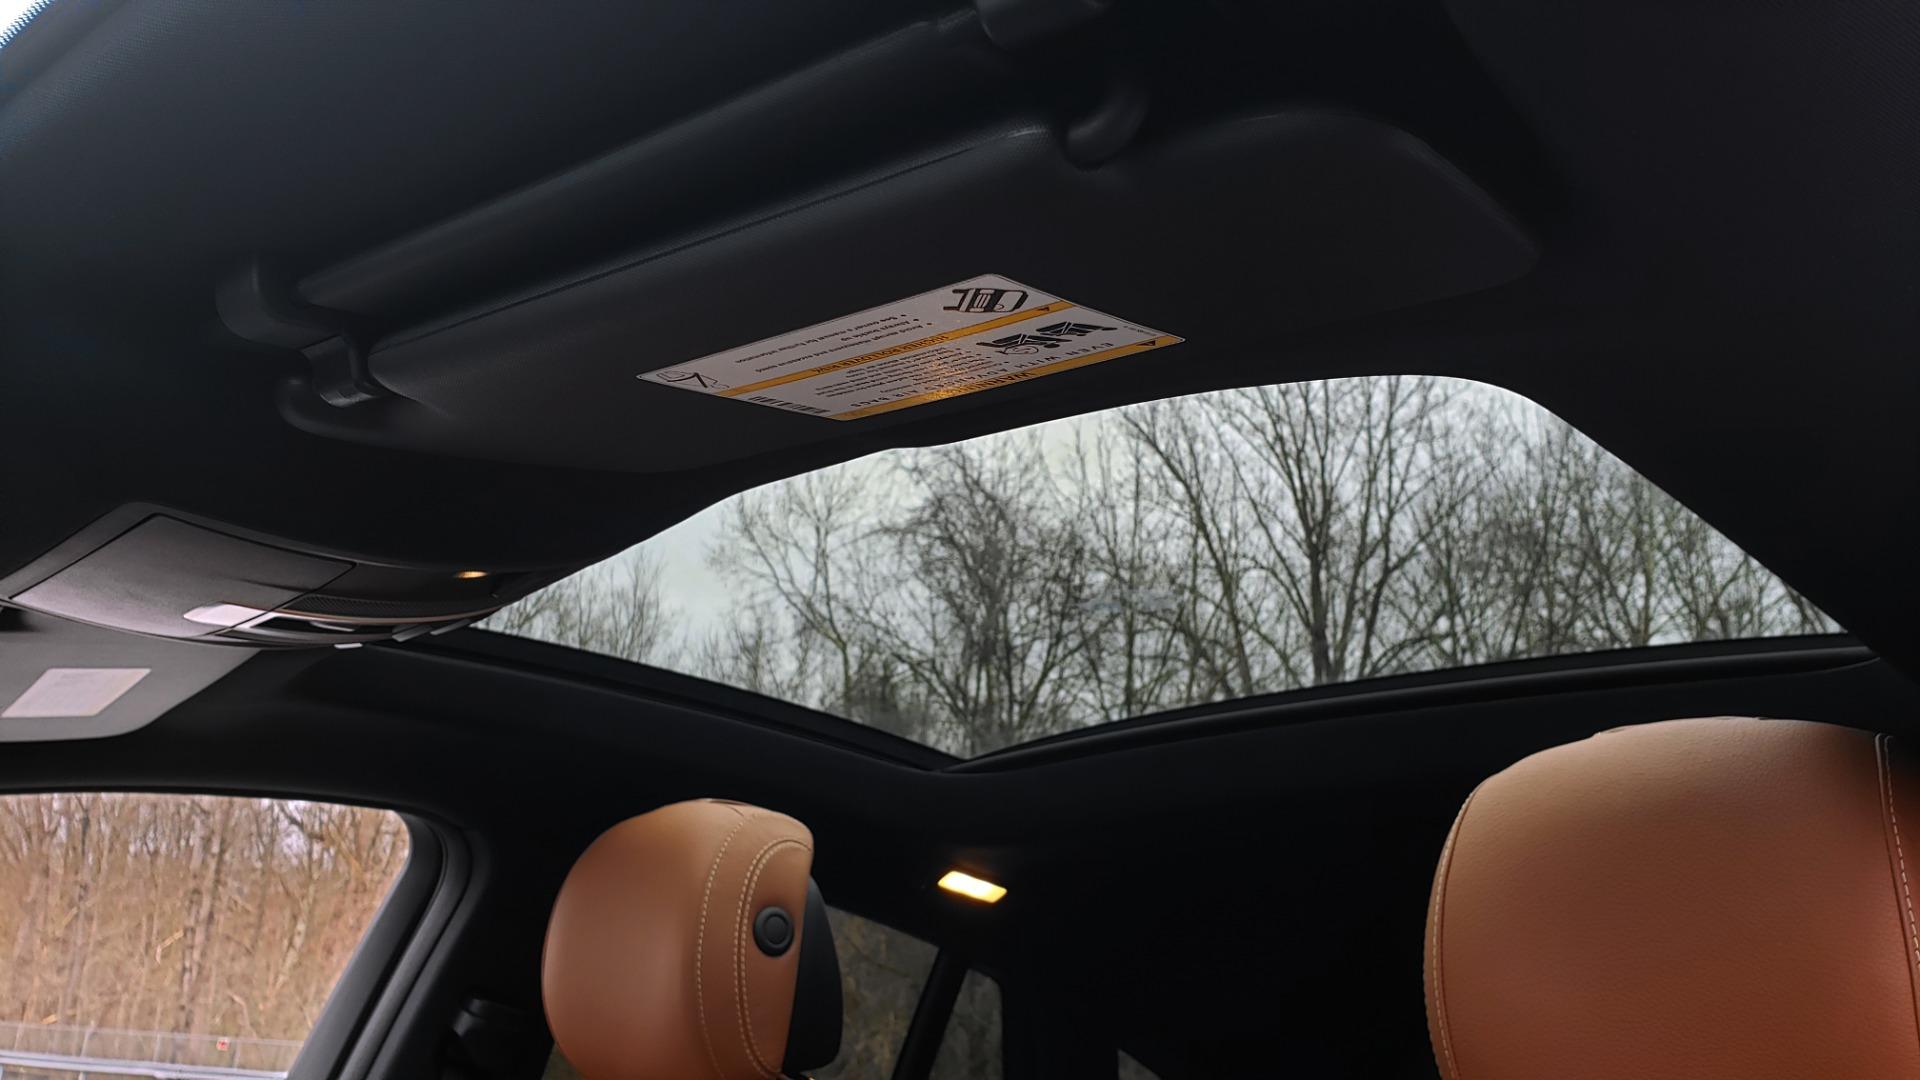 Used 2016 Mercedes-Benz GLE 450 AMG / AWD / PREM PKG / PARK ASST / DRVR ASST / SUNROOF for sale Sold at Formula Imports in Charlotte NC 28227 30